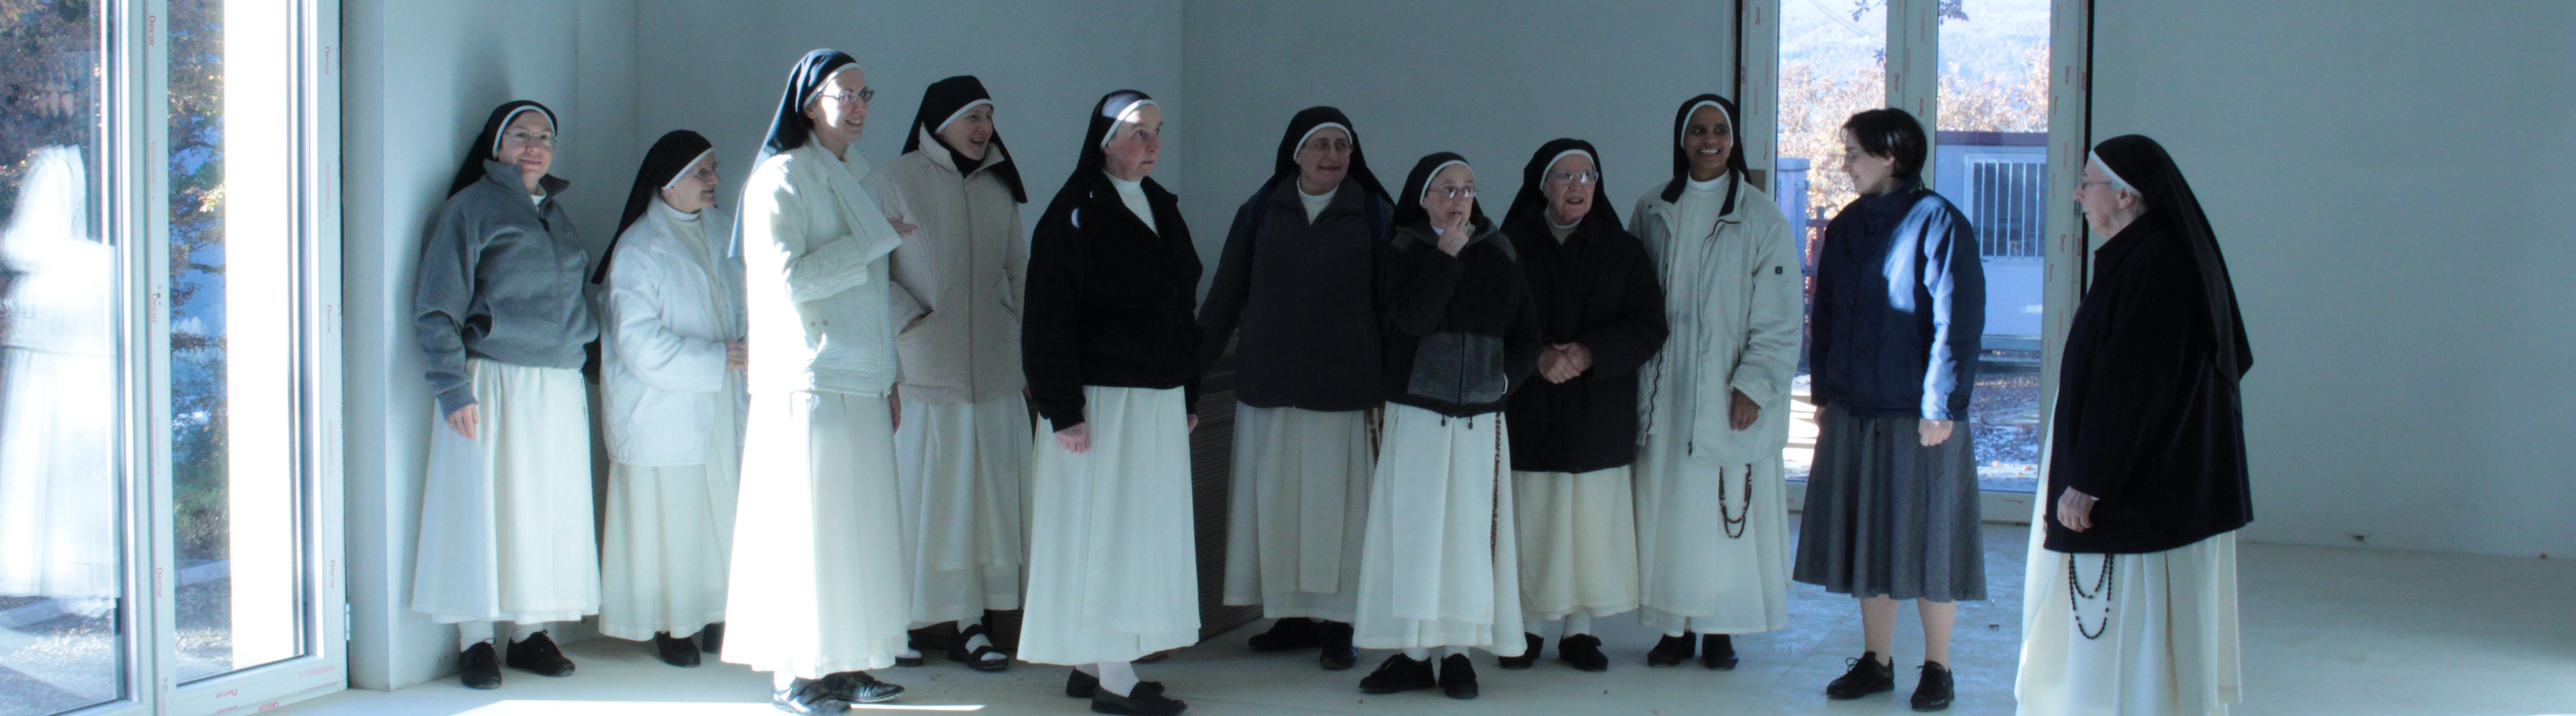 Monastero Domenicano